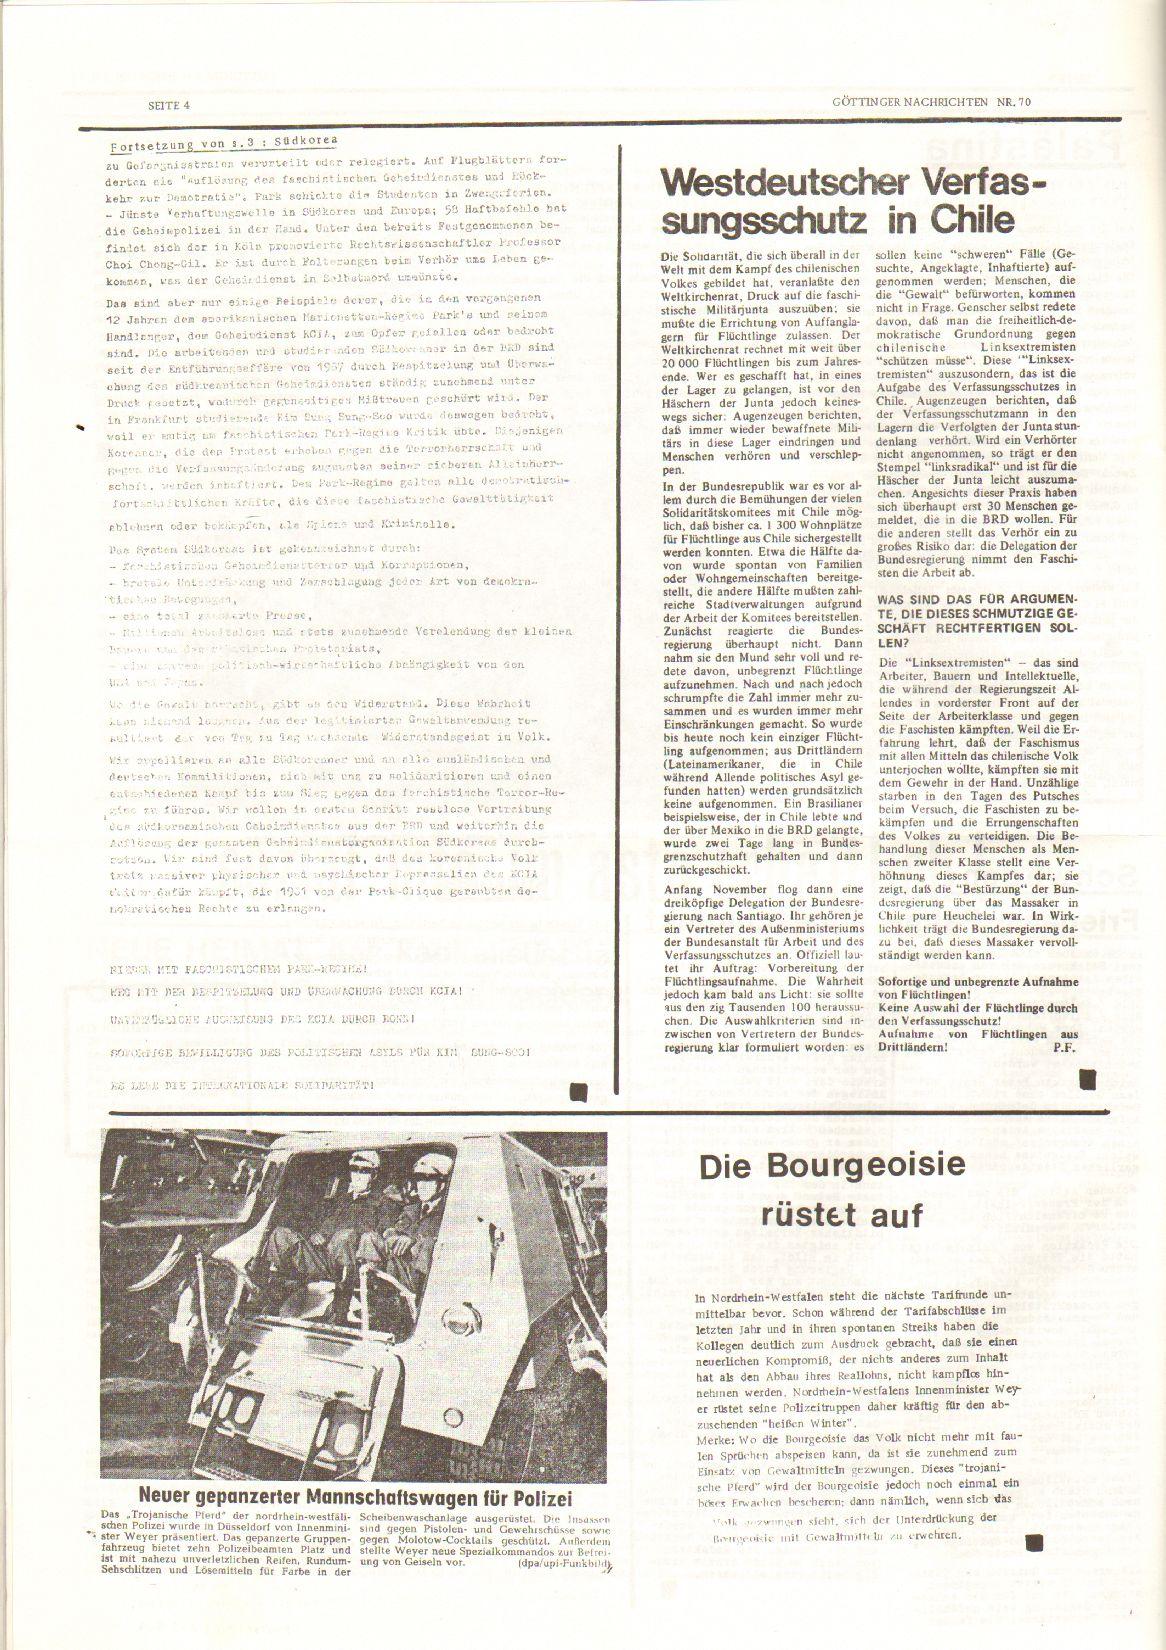 Goettinger_Nachrichten463